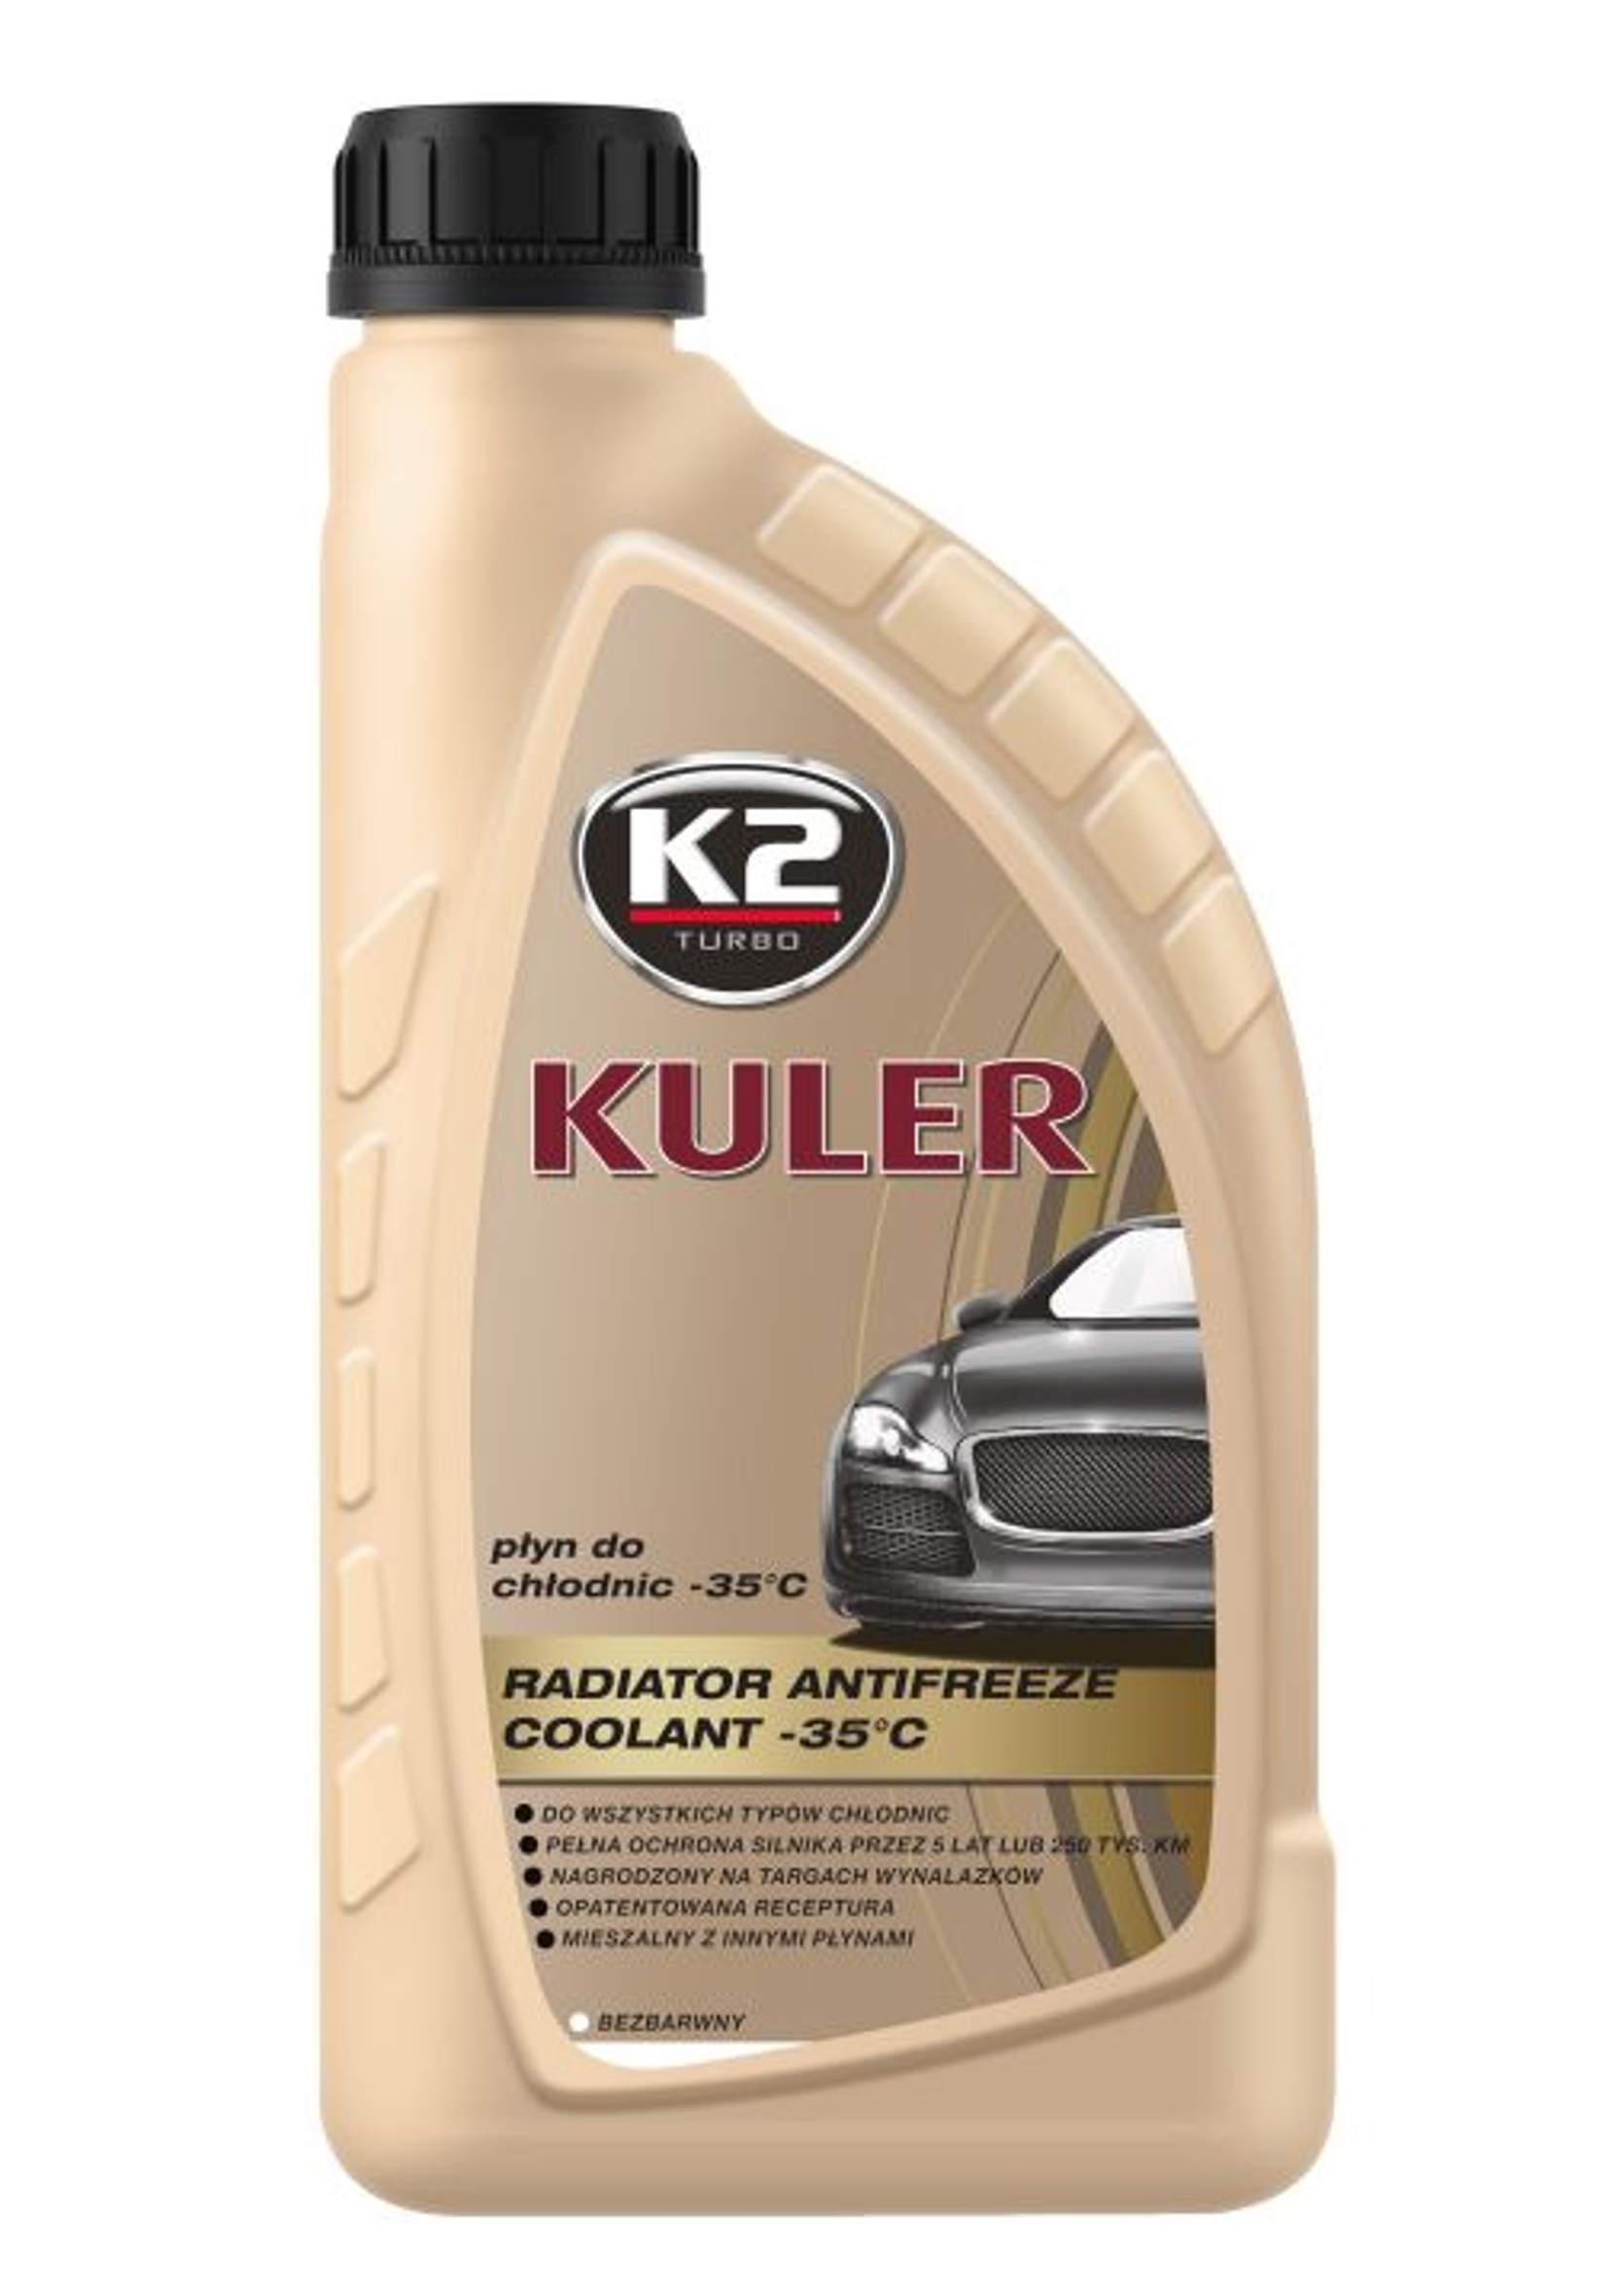 K2 Kuler 1L Bezbarwny Płyn do chłodnic samochodowych -35C